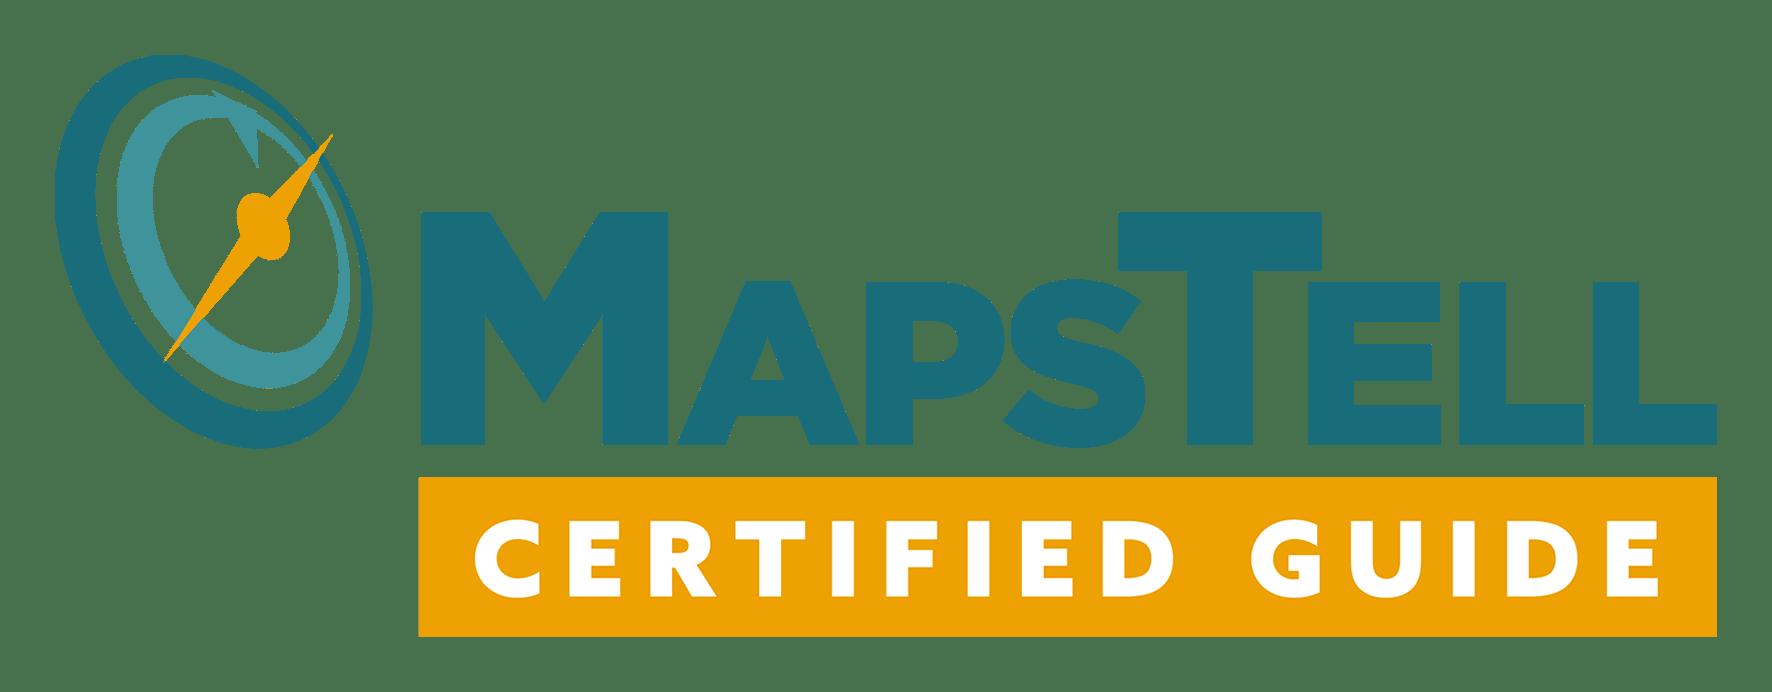 MapsTell Guide Certification Logo De Groeicoach